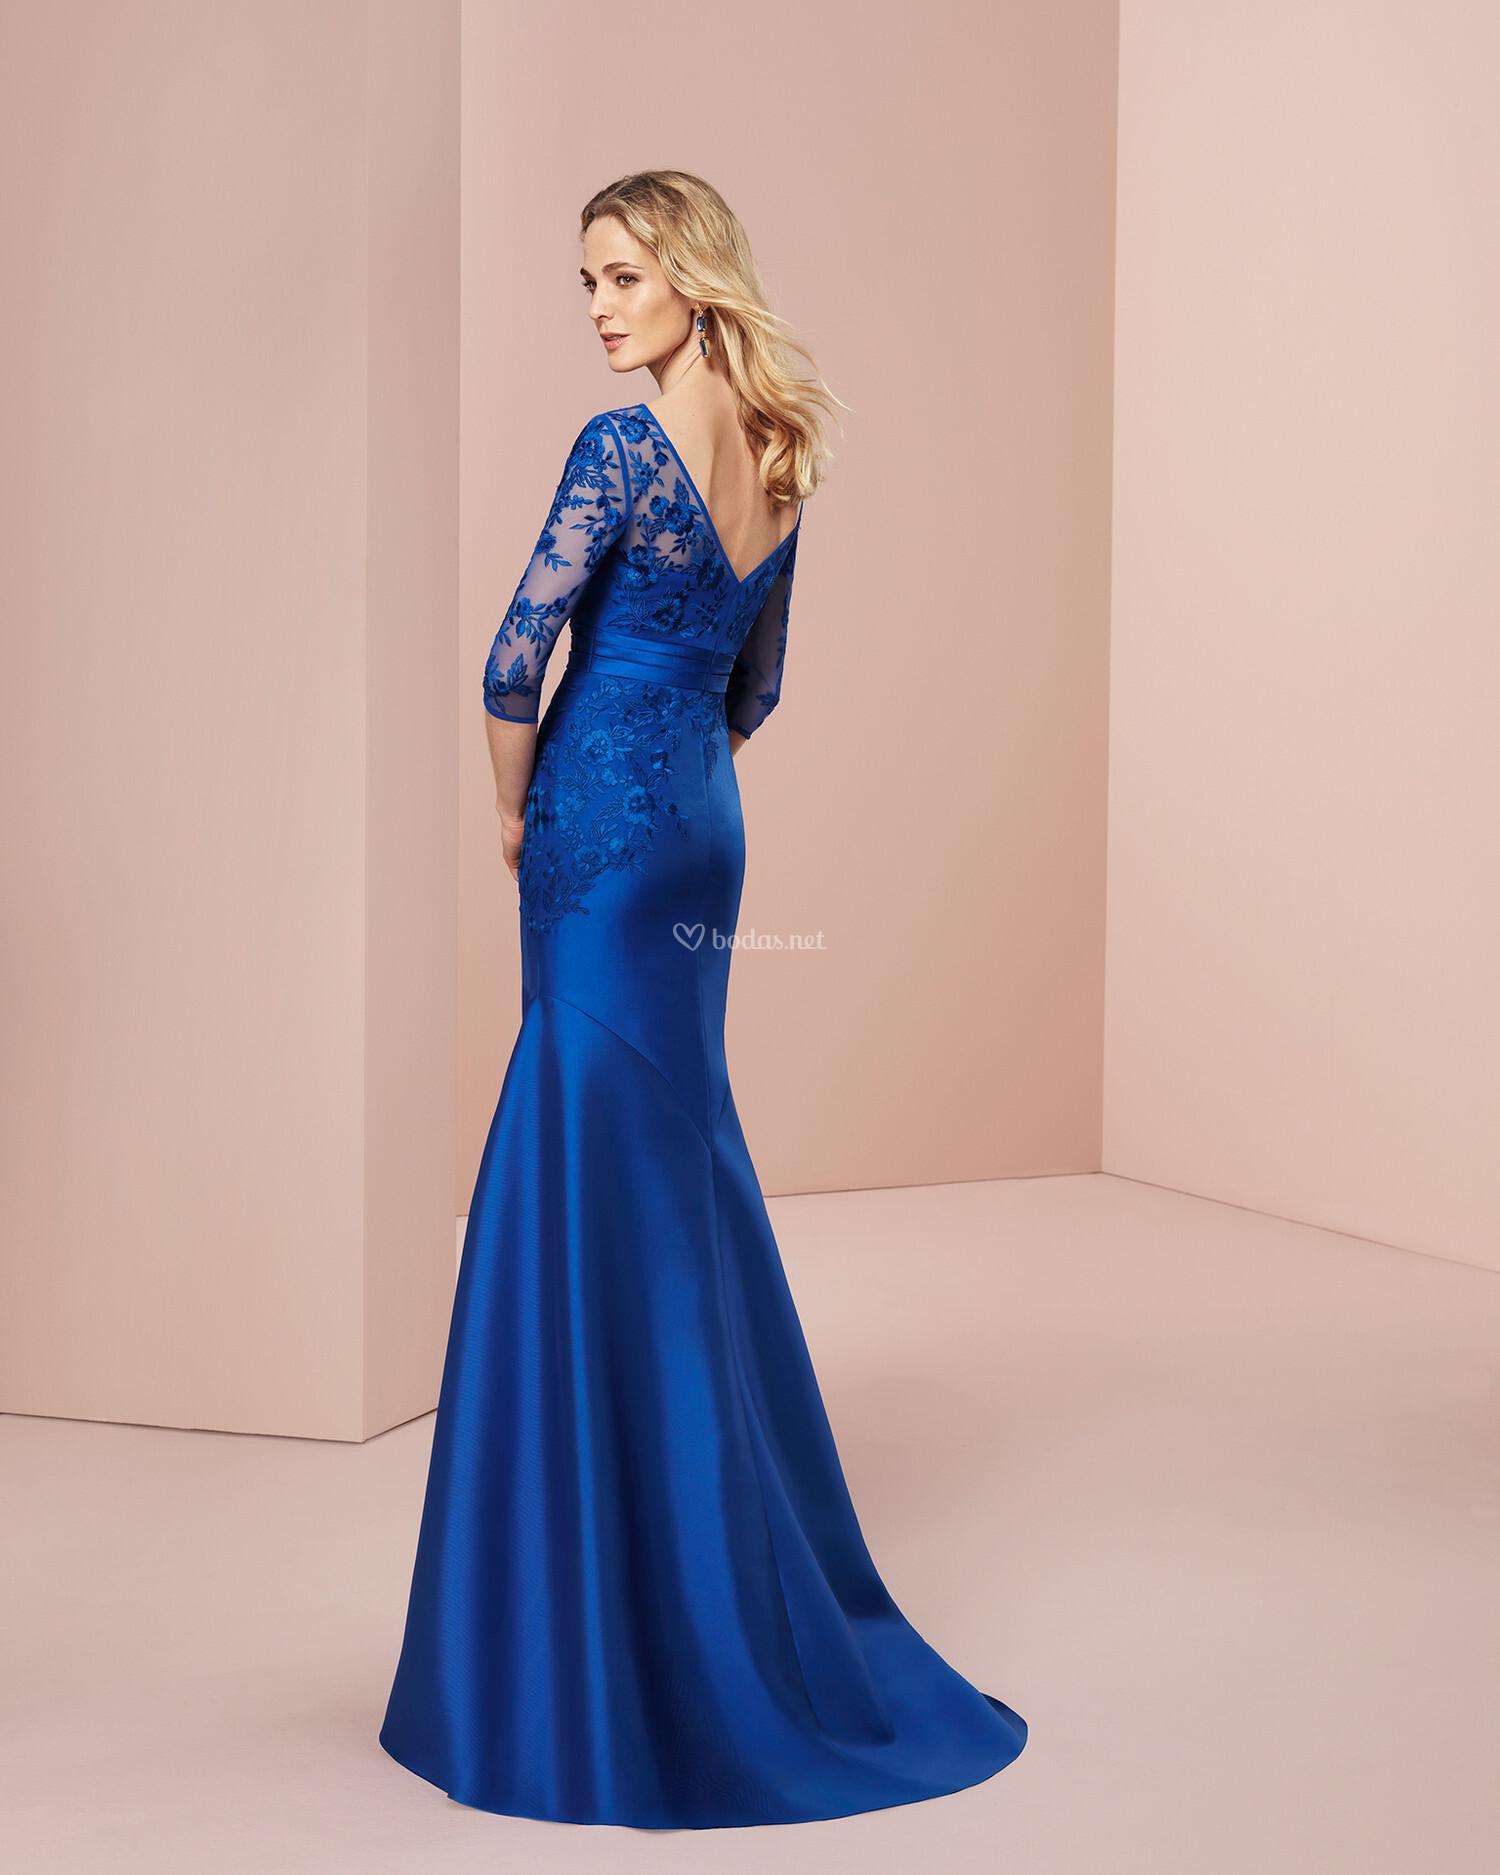 Asombroso Vestidos De Dama De Color Carmesí Composición - Ideas de ...